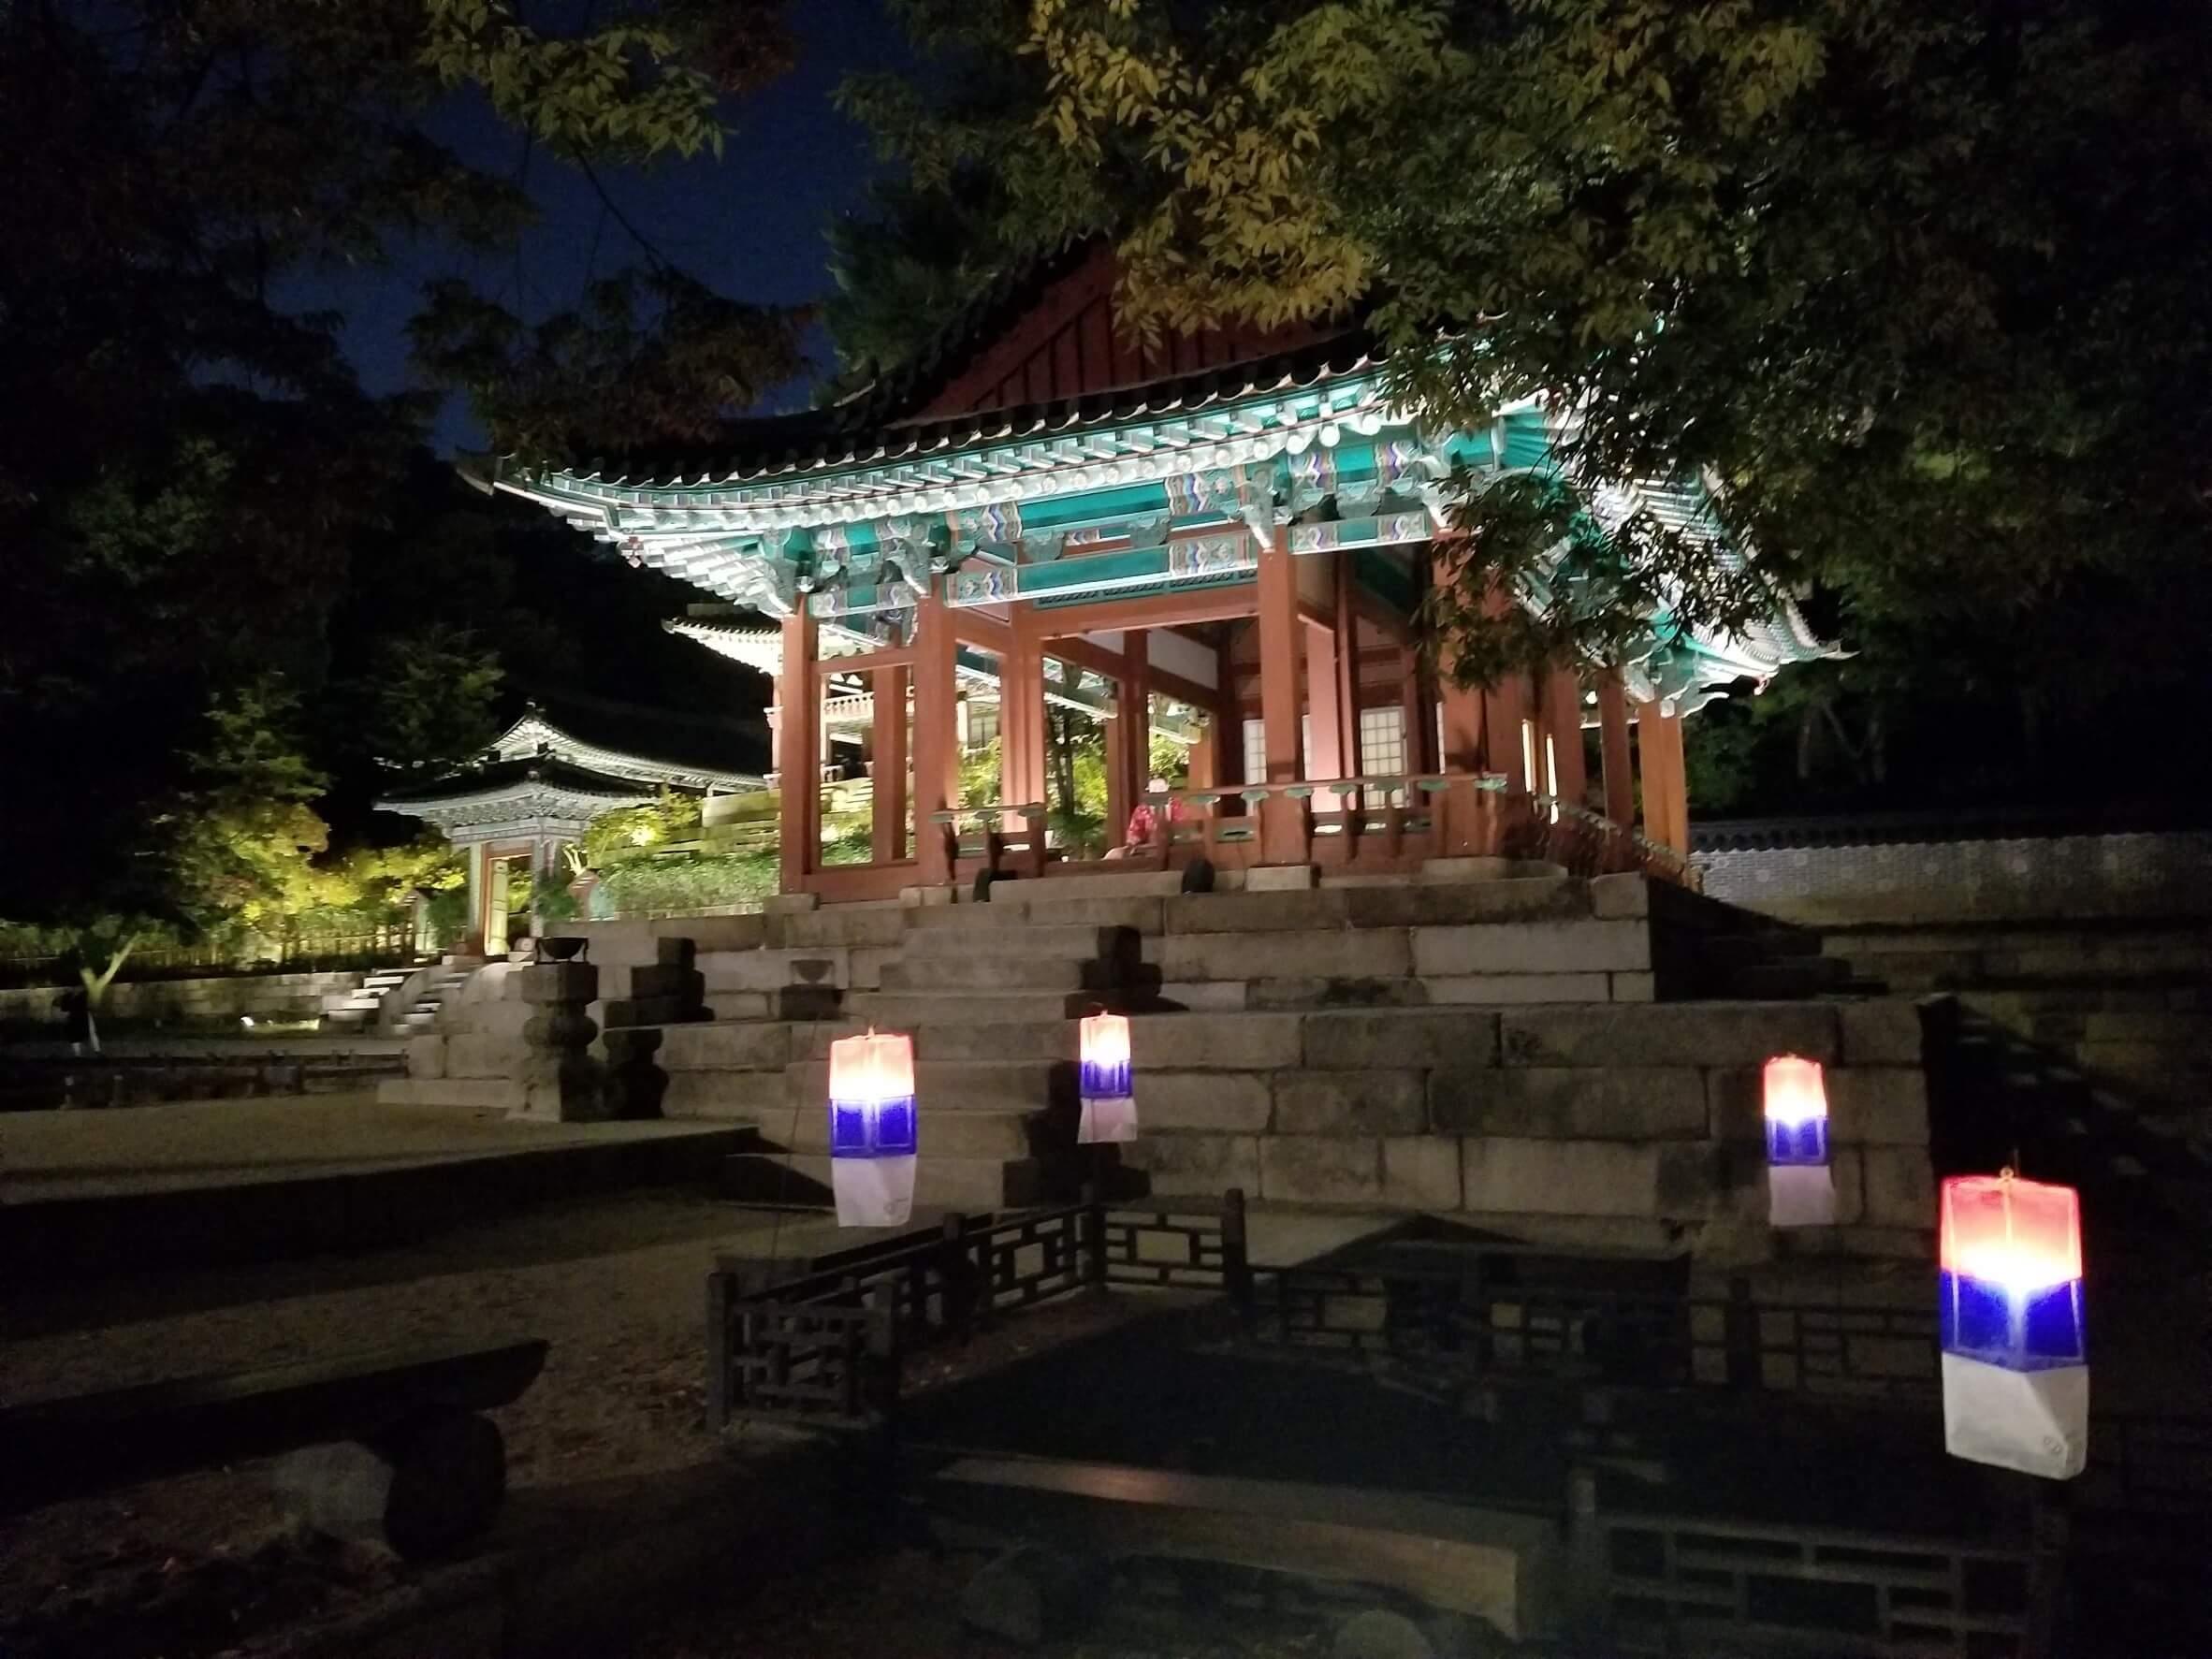 昌徳宮「月灯り紀行」:芙蓉亭(プヨンジョン)ライトアップが綺麗